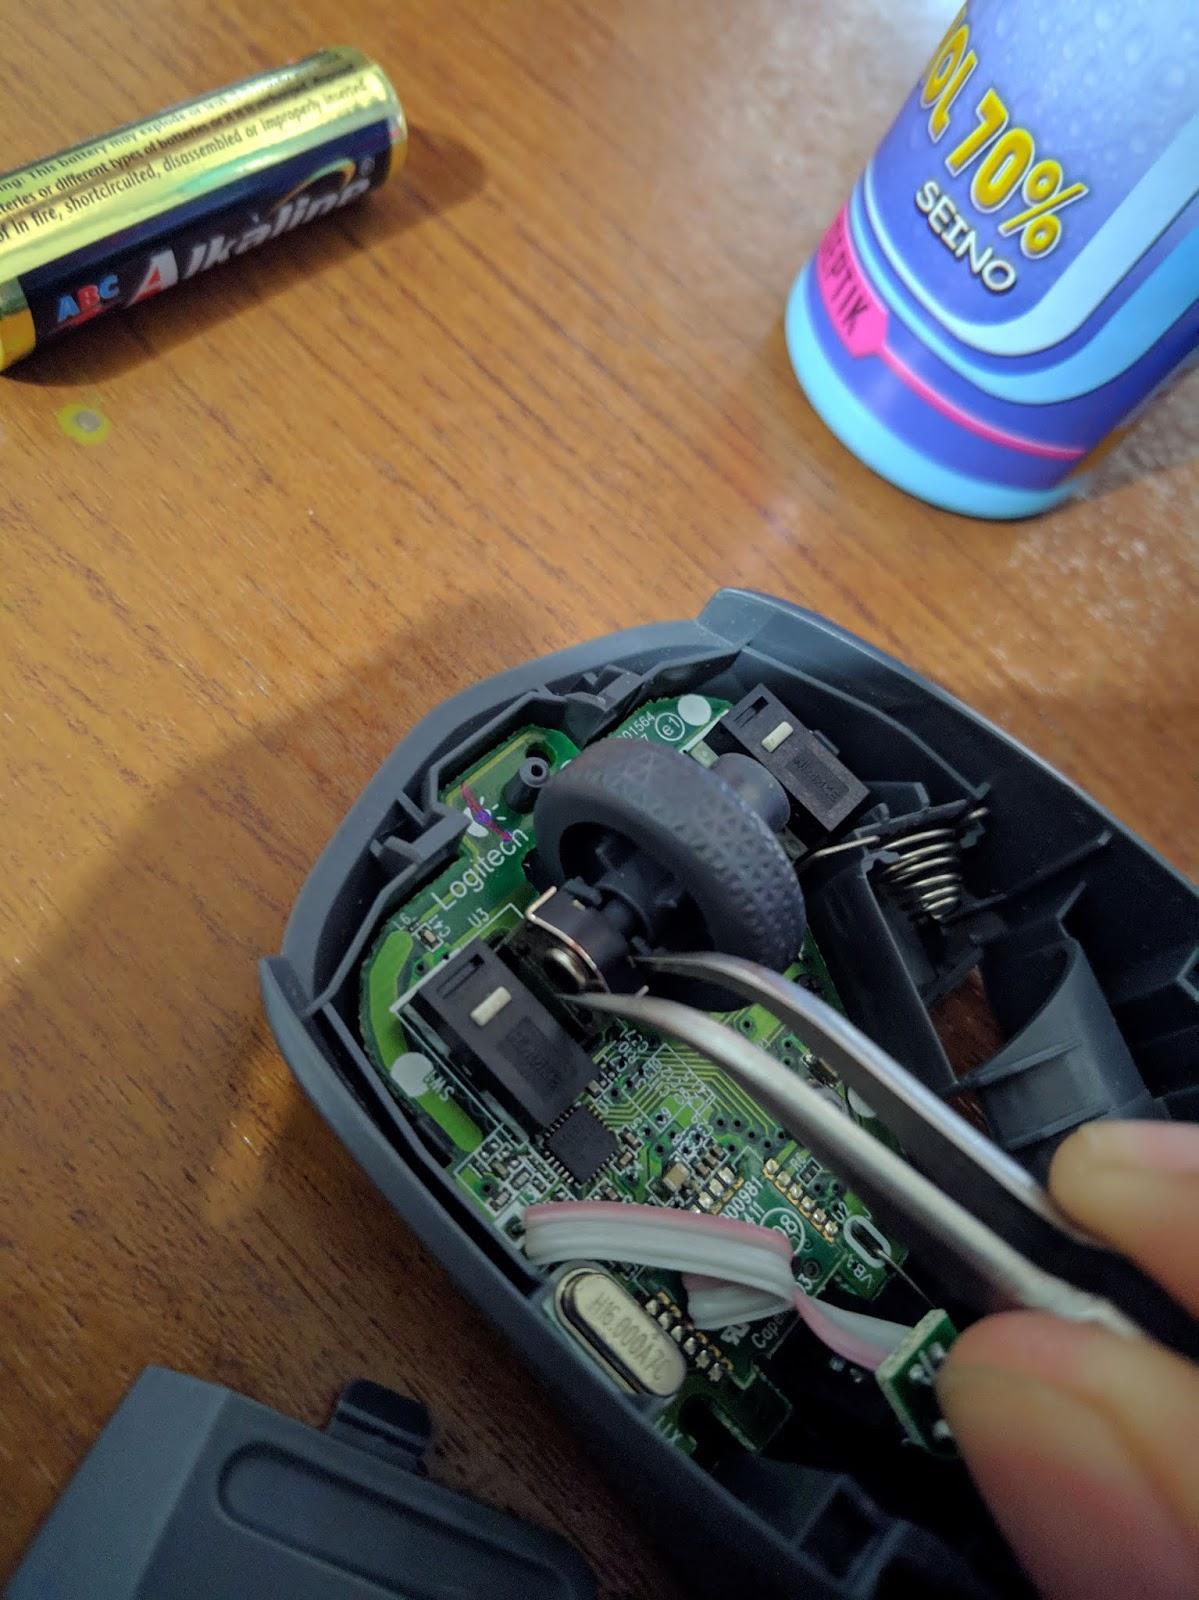 Cara Memperbaiki Mouse Yang Rusak : memperbaiki, mouse, rusak, Memperbaiki, Scroll, Mouse, Error, Berhasil!